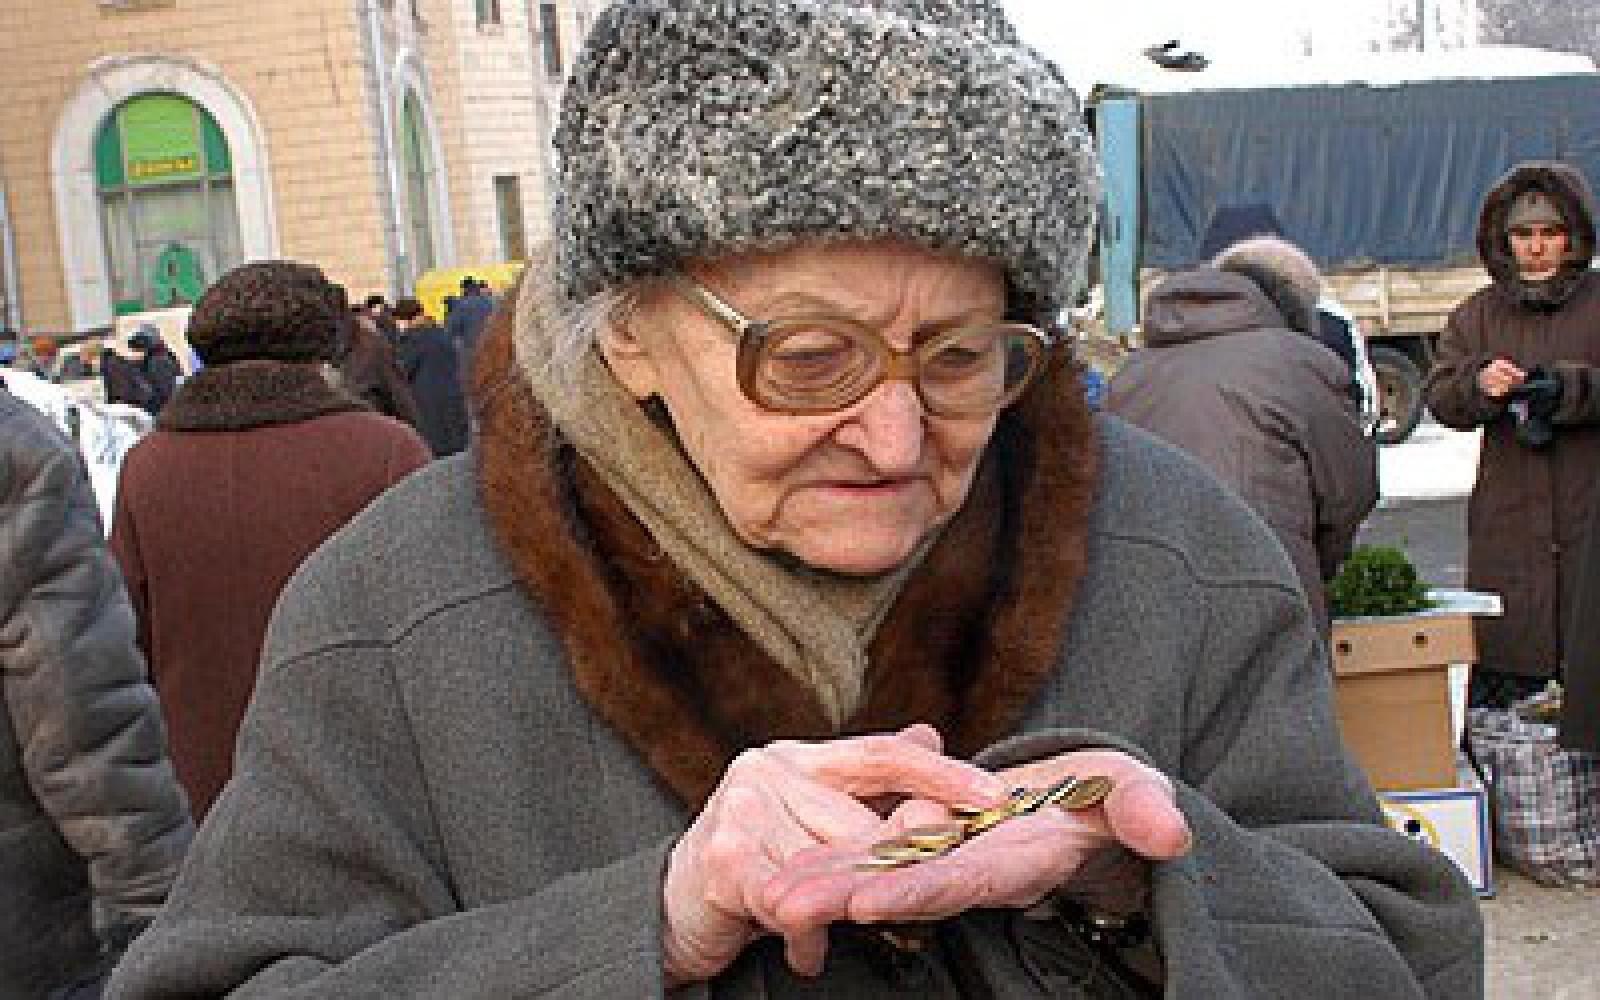 Где пройти техосмотр для осаго 2017 в москве пенсионерам